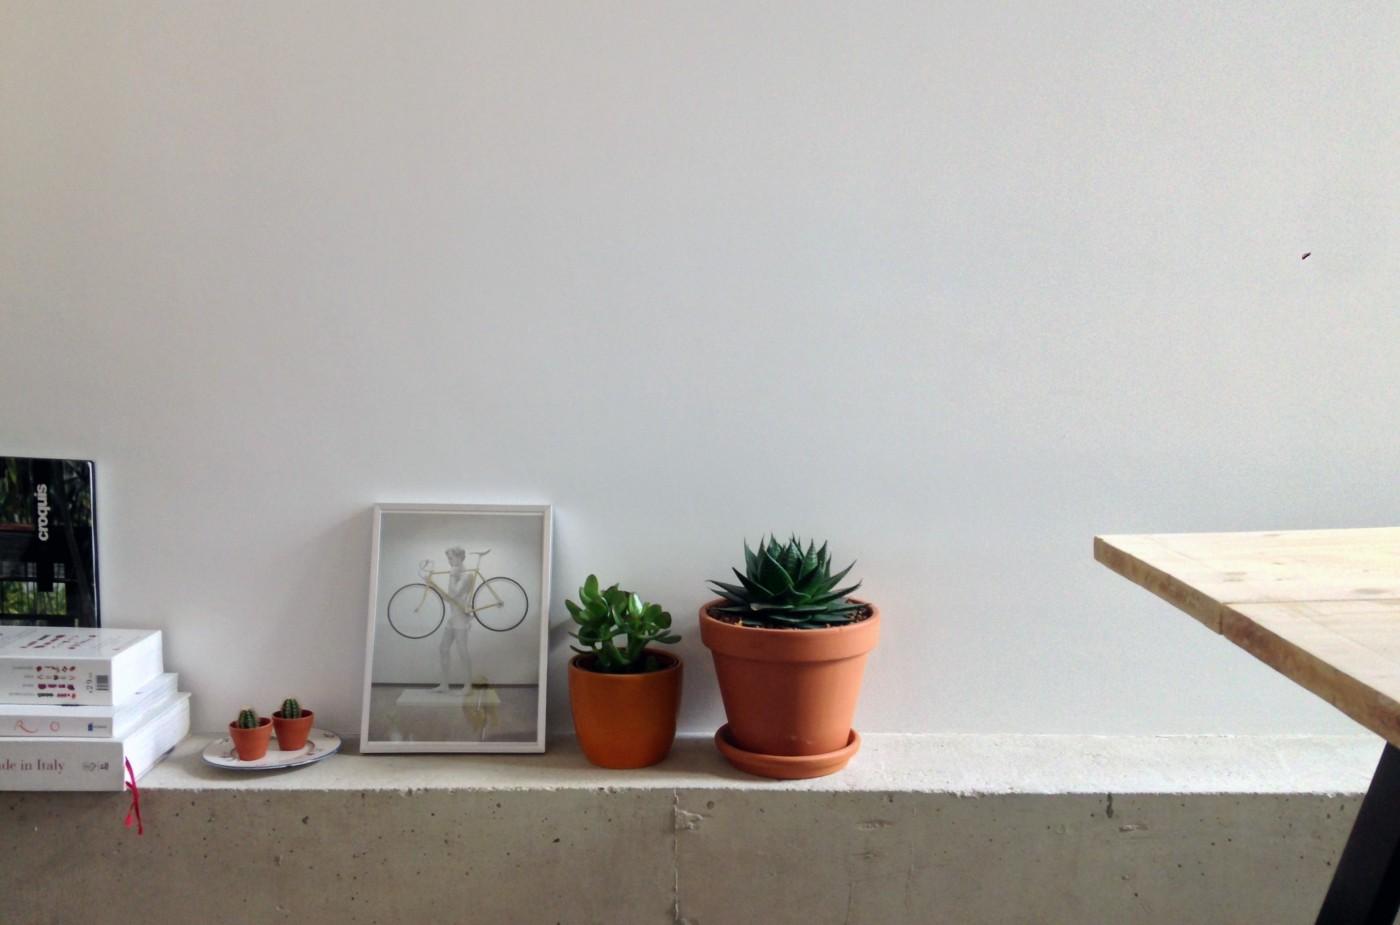 architectuur_beton_zelfbouw